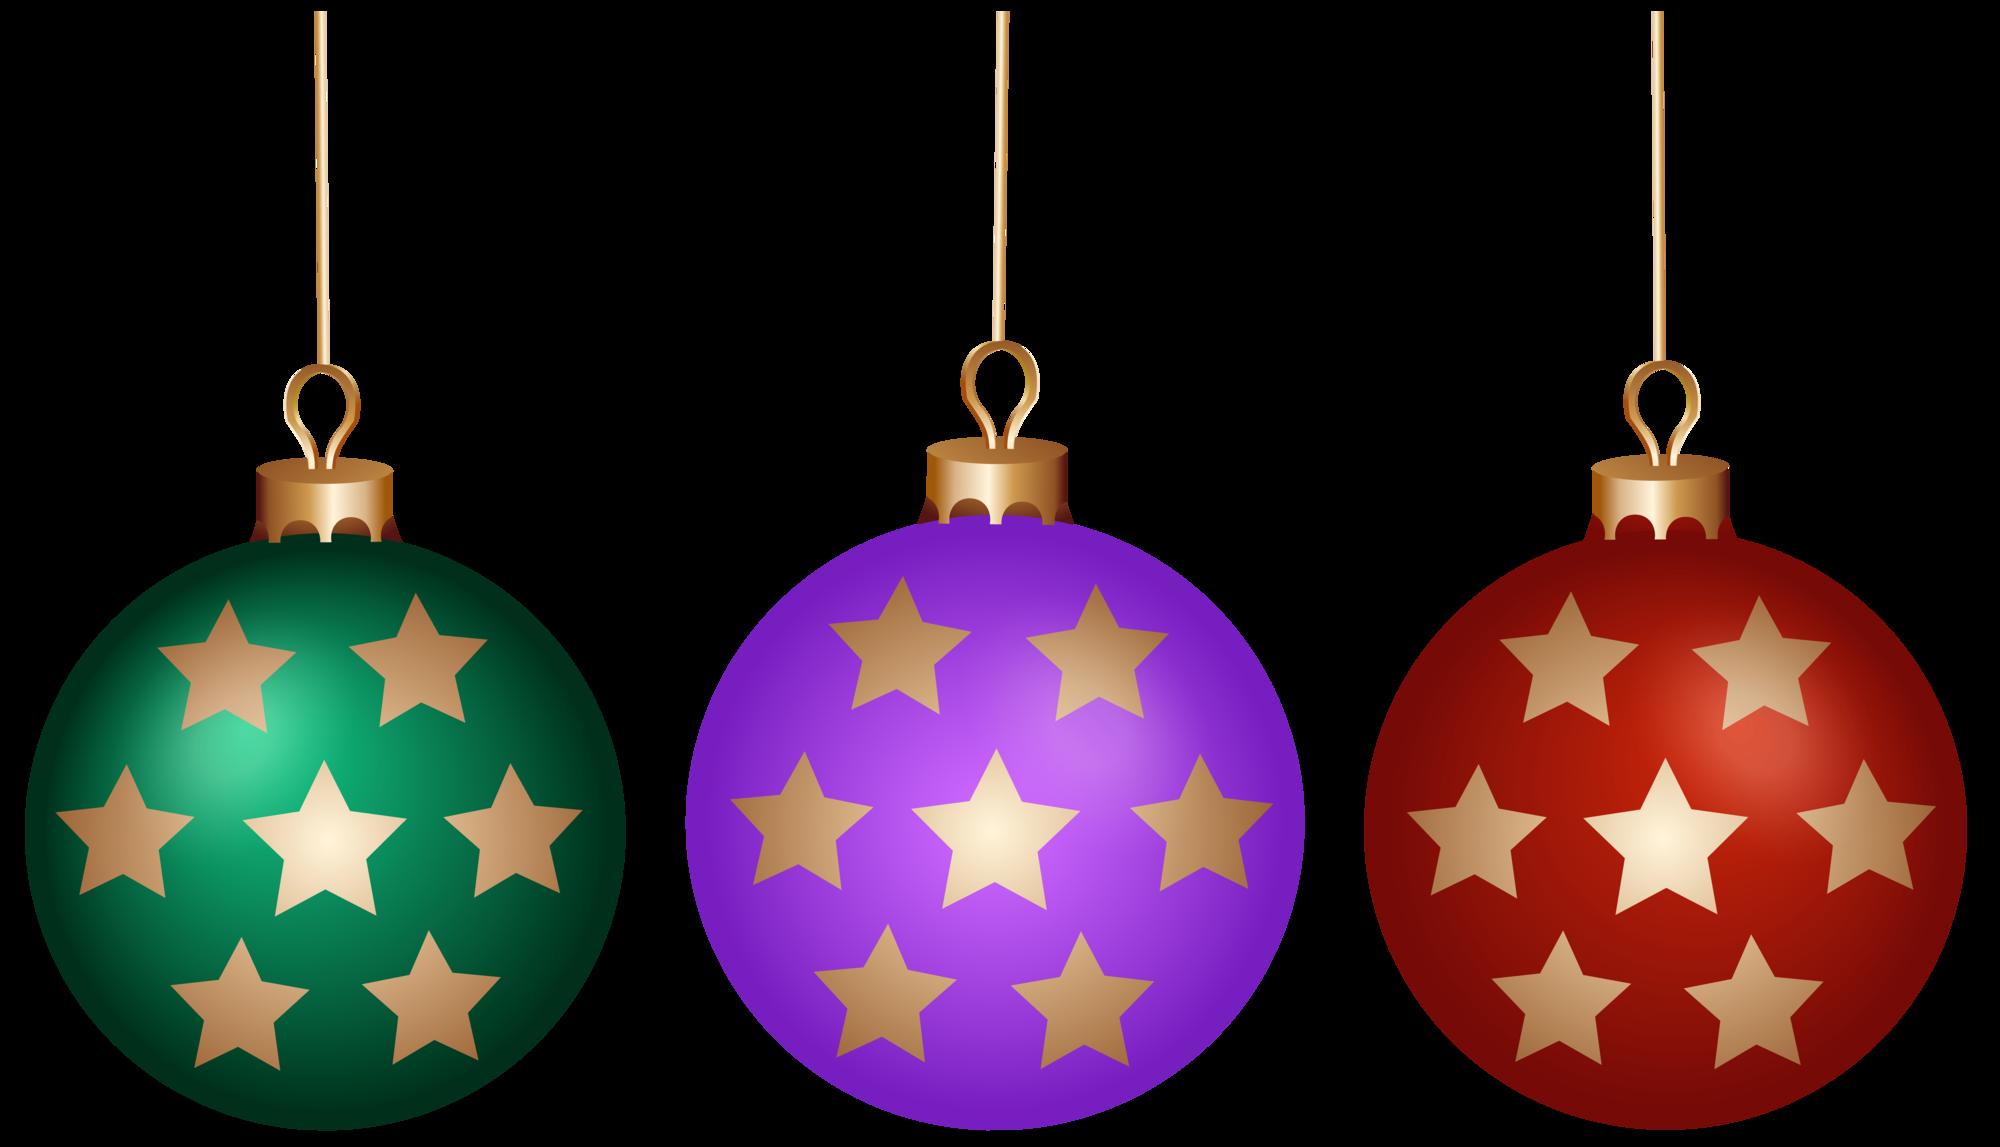 Christmas balls set png. Ornaments clipart teal